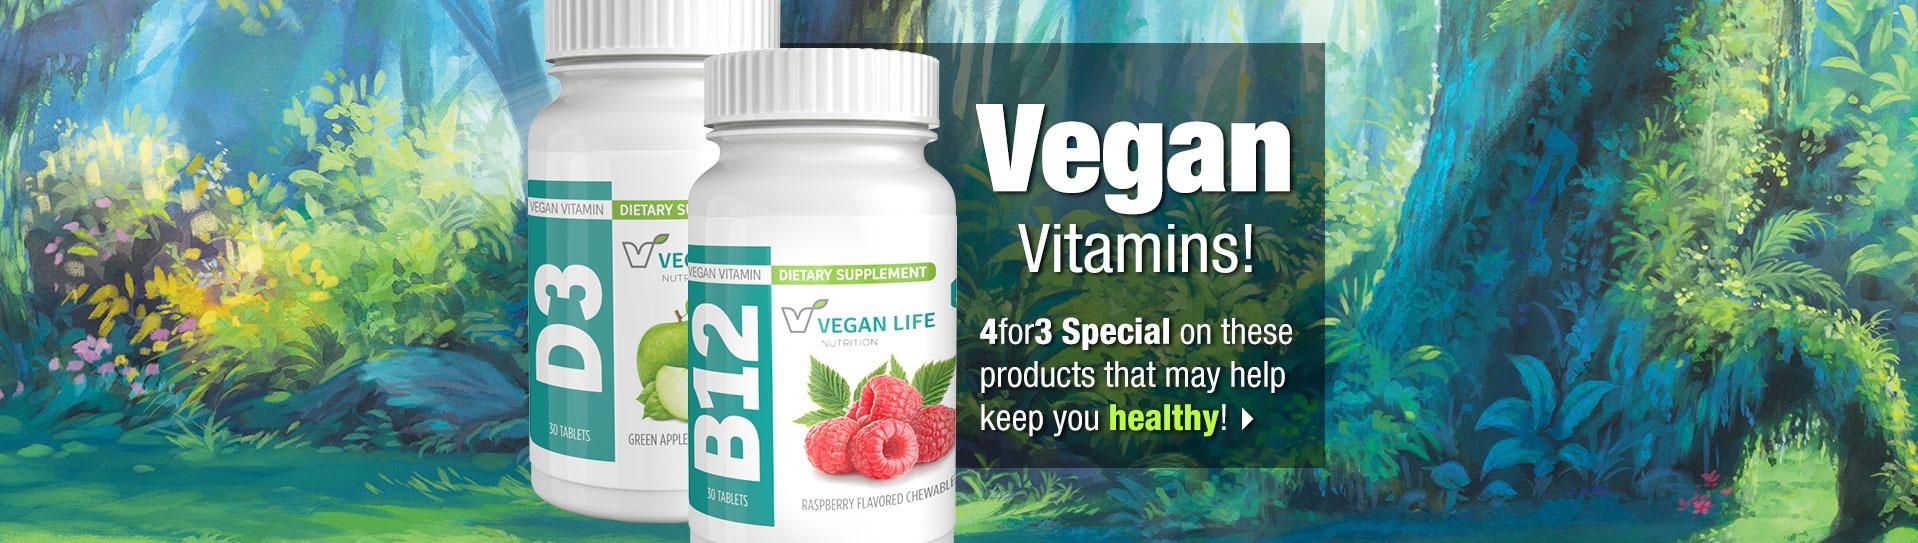 Slide - Vegan Vitamins! 4 for 3